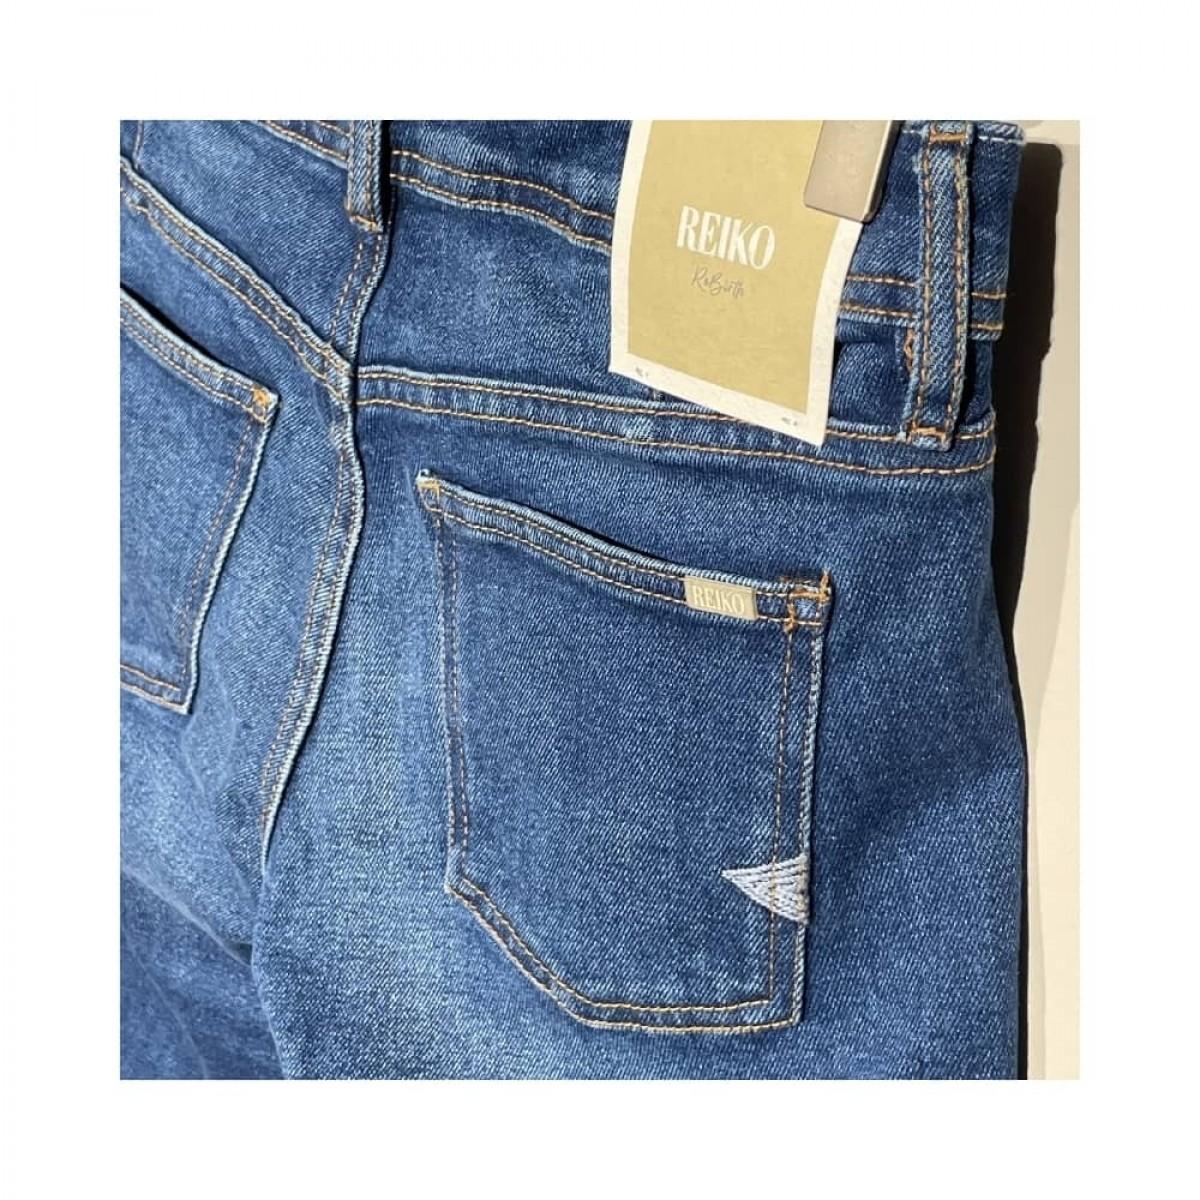 nina boyfriend jeans - blue - baglomme